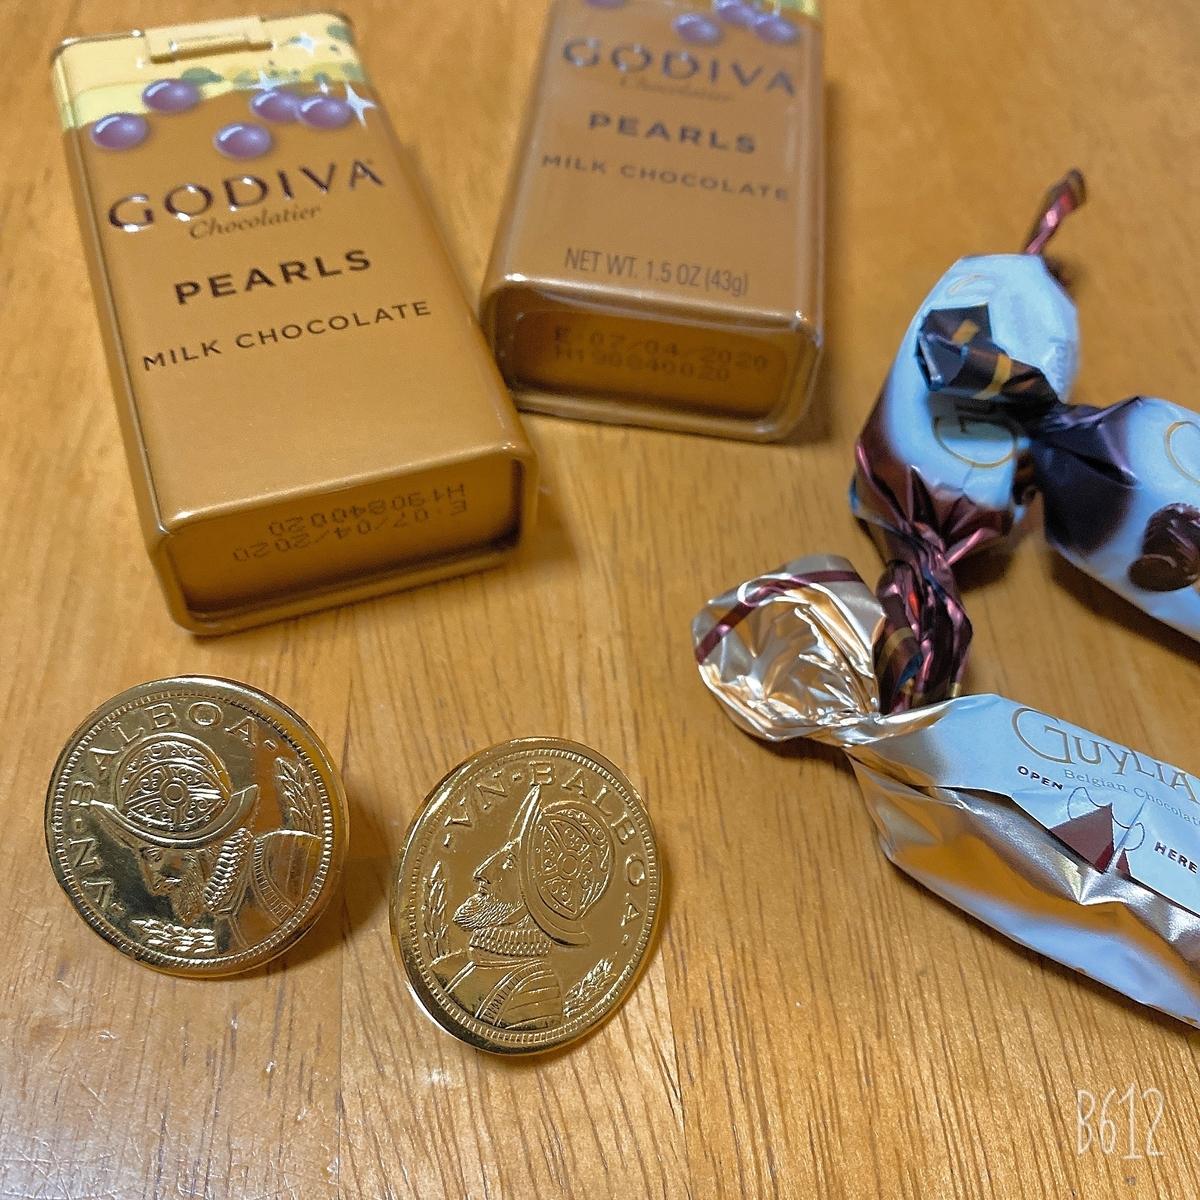 チョコレートとコインのようなイヤリング